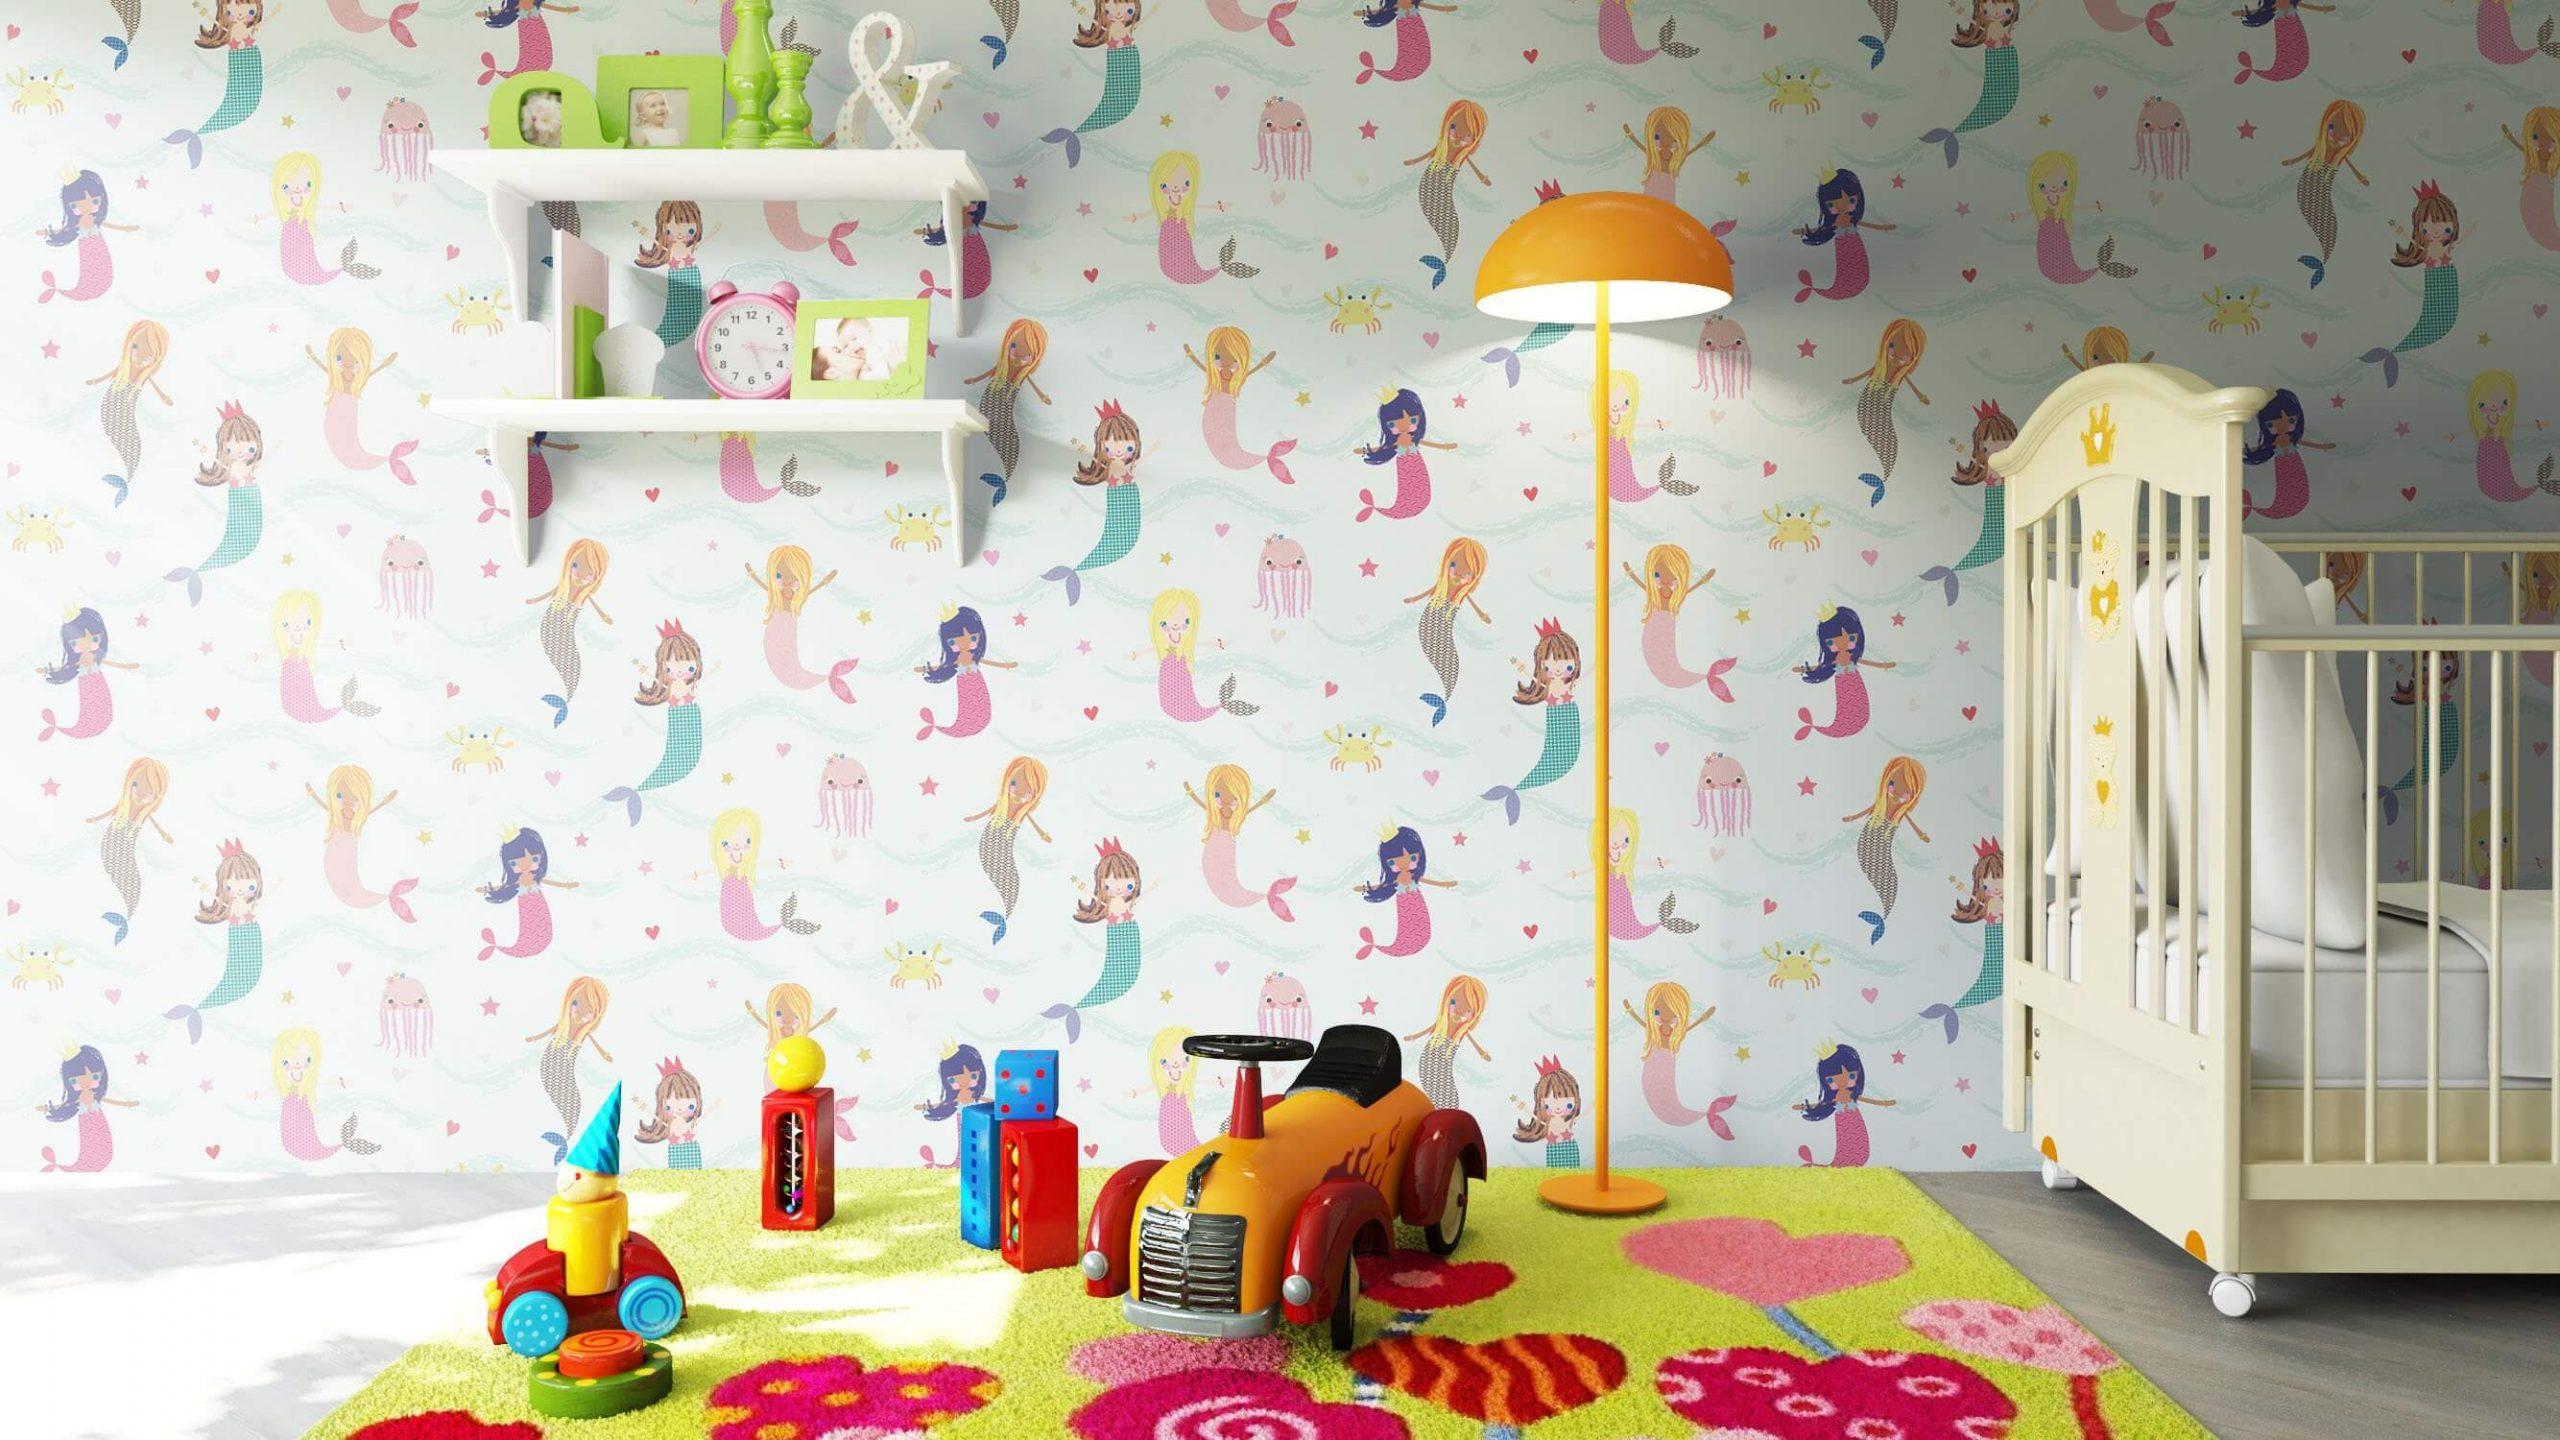 Full Size of Tapeten Für Die Küche Regal Kinderzimmer Weiß Fototapete Schlafzimmer Fototapeten Wohnzimmer Tapete Sofa Ideen Regale Modern Fenster Wohnzimmer Kinderzimmer Tapete